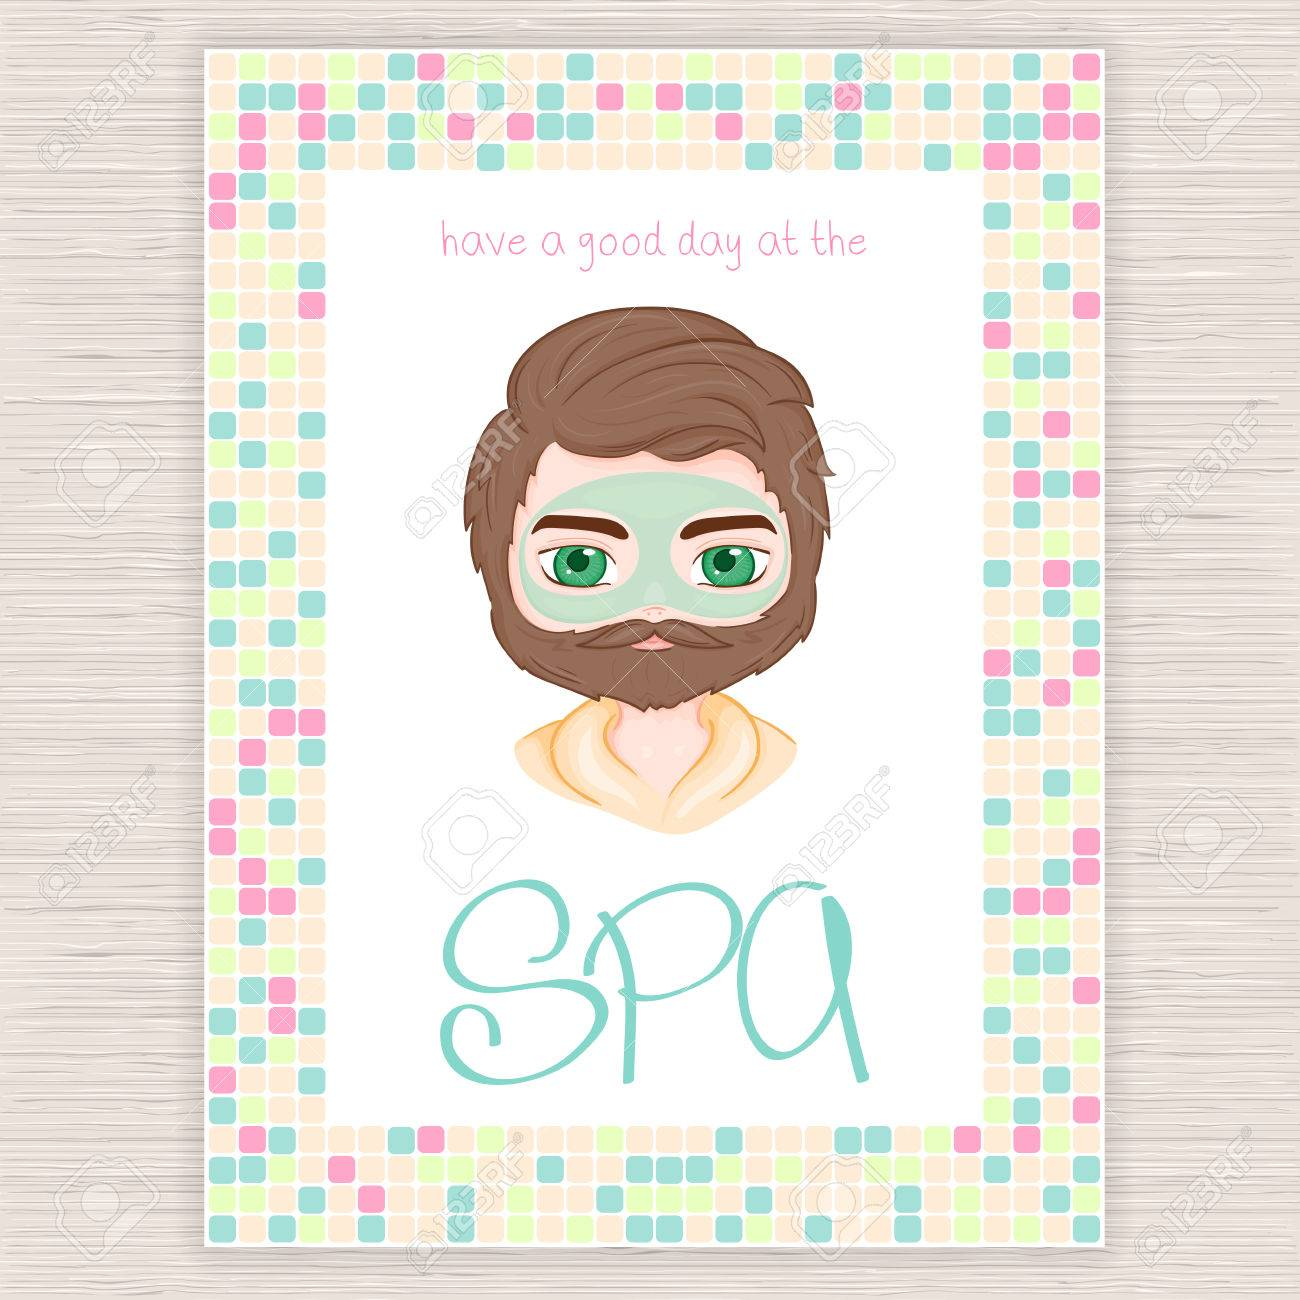 Ilustración Vectorial De La Invitación De La Fiesta De Spa Con El Marco Del Mosaico De Colores Con Los Hombres Máscara Cosmética Facial